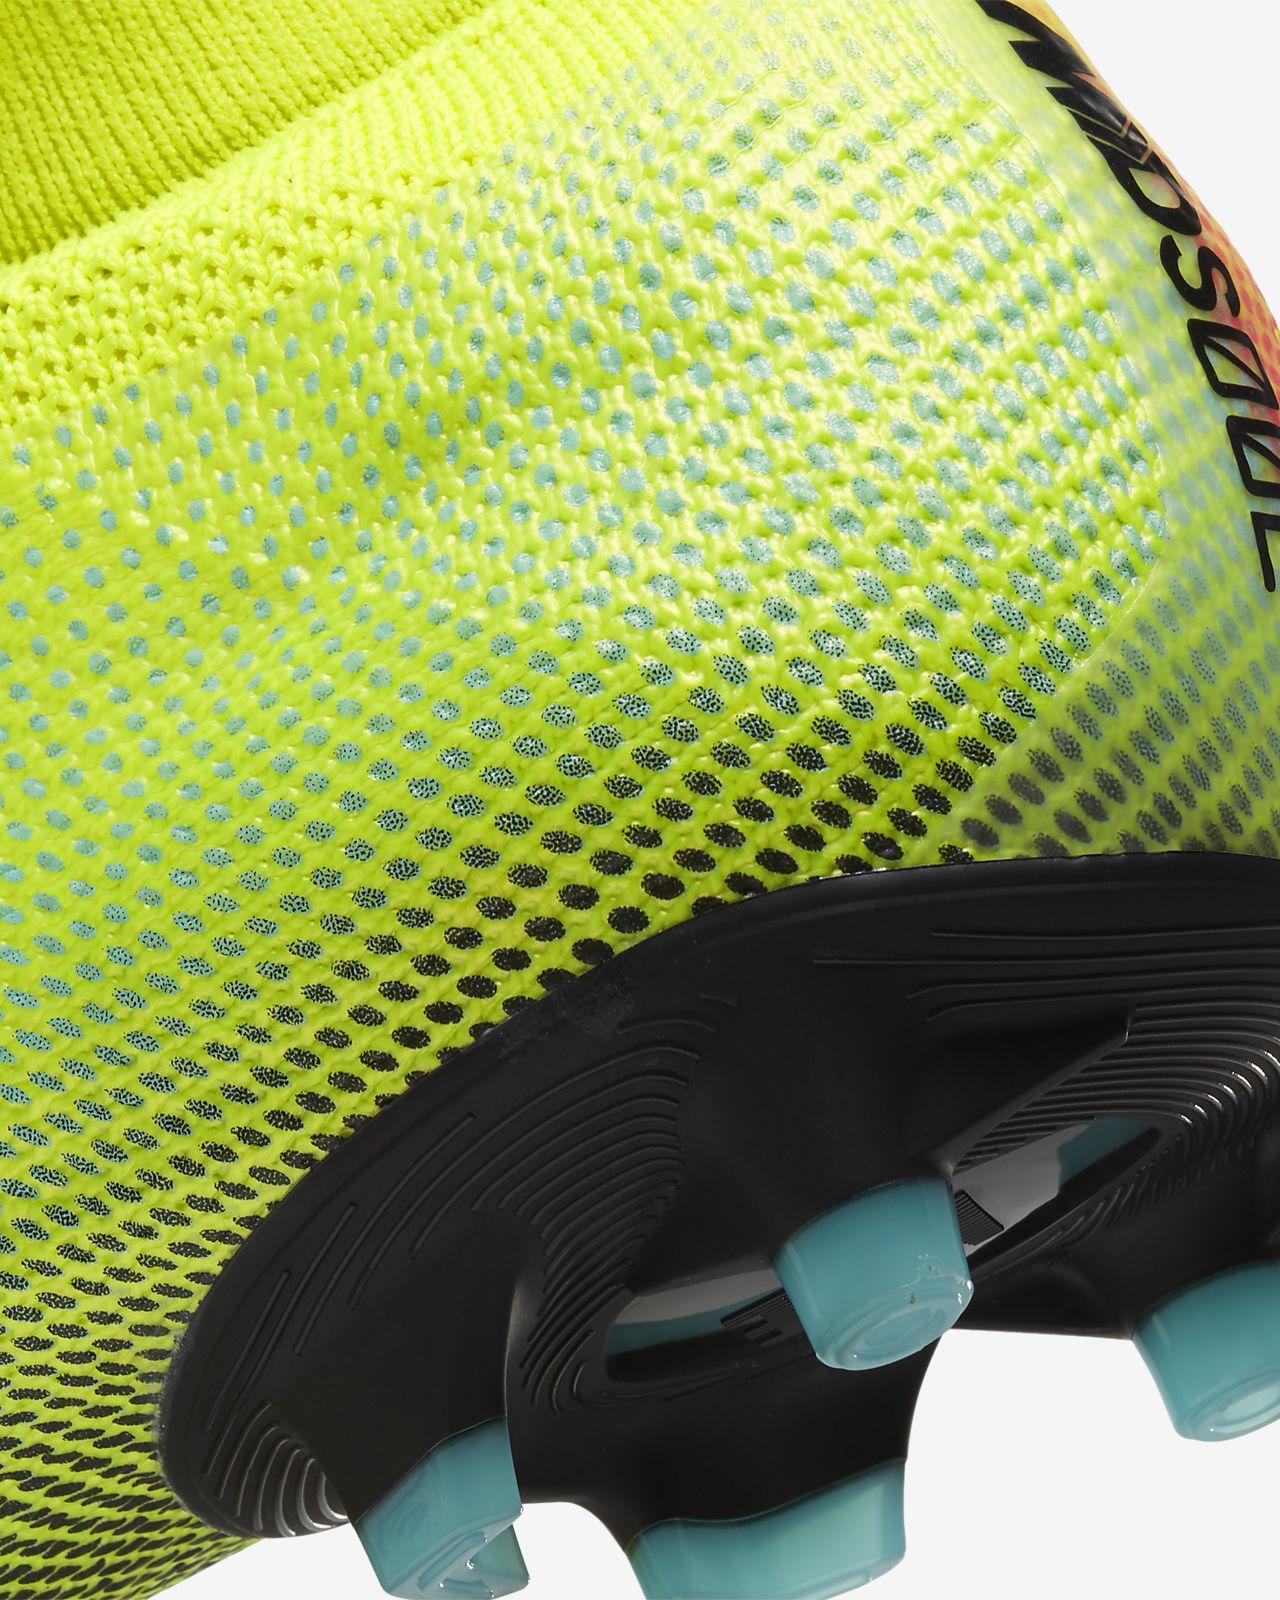 Nike Mercurial Superfly 7 Pro MDS AG PRO fotballsko til kunstgress